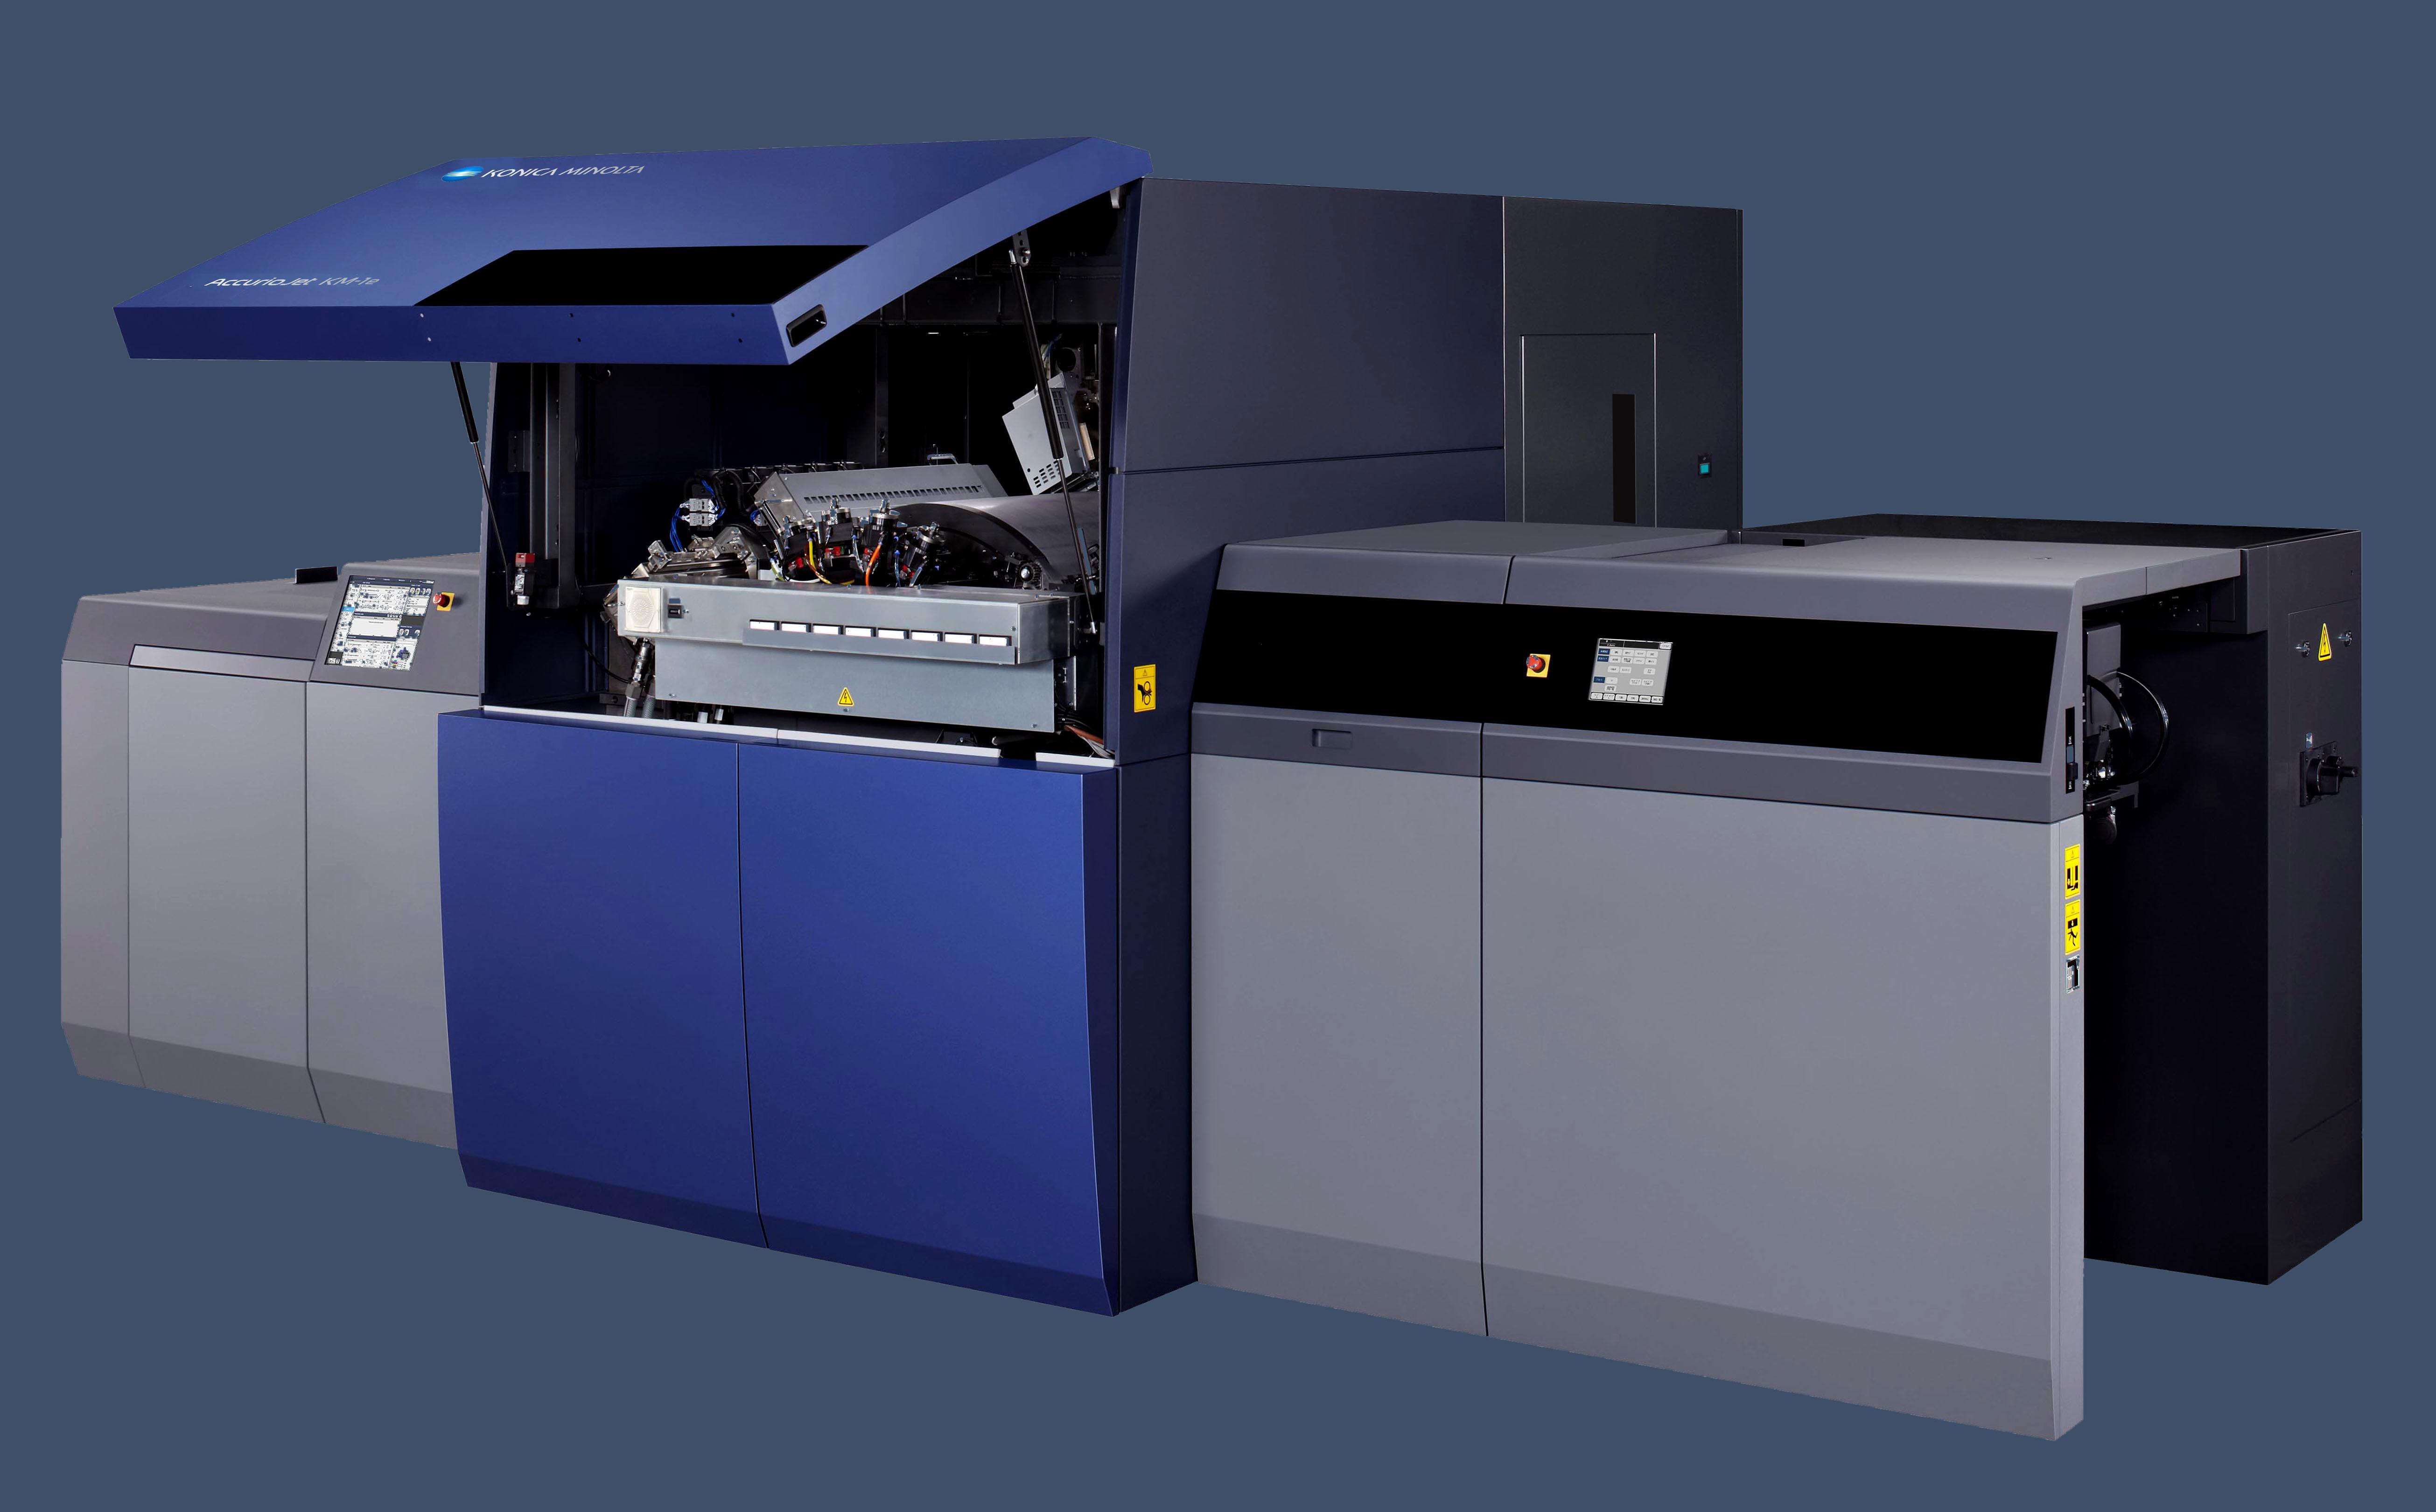 Konica Minolta lansează noul AccurioJet KM-1e B2+ cu tehnologie inkjet UV